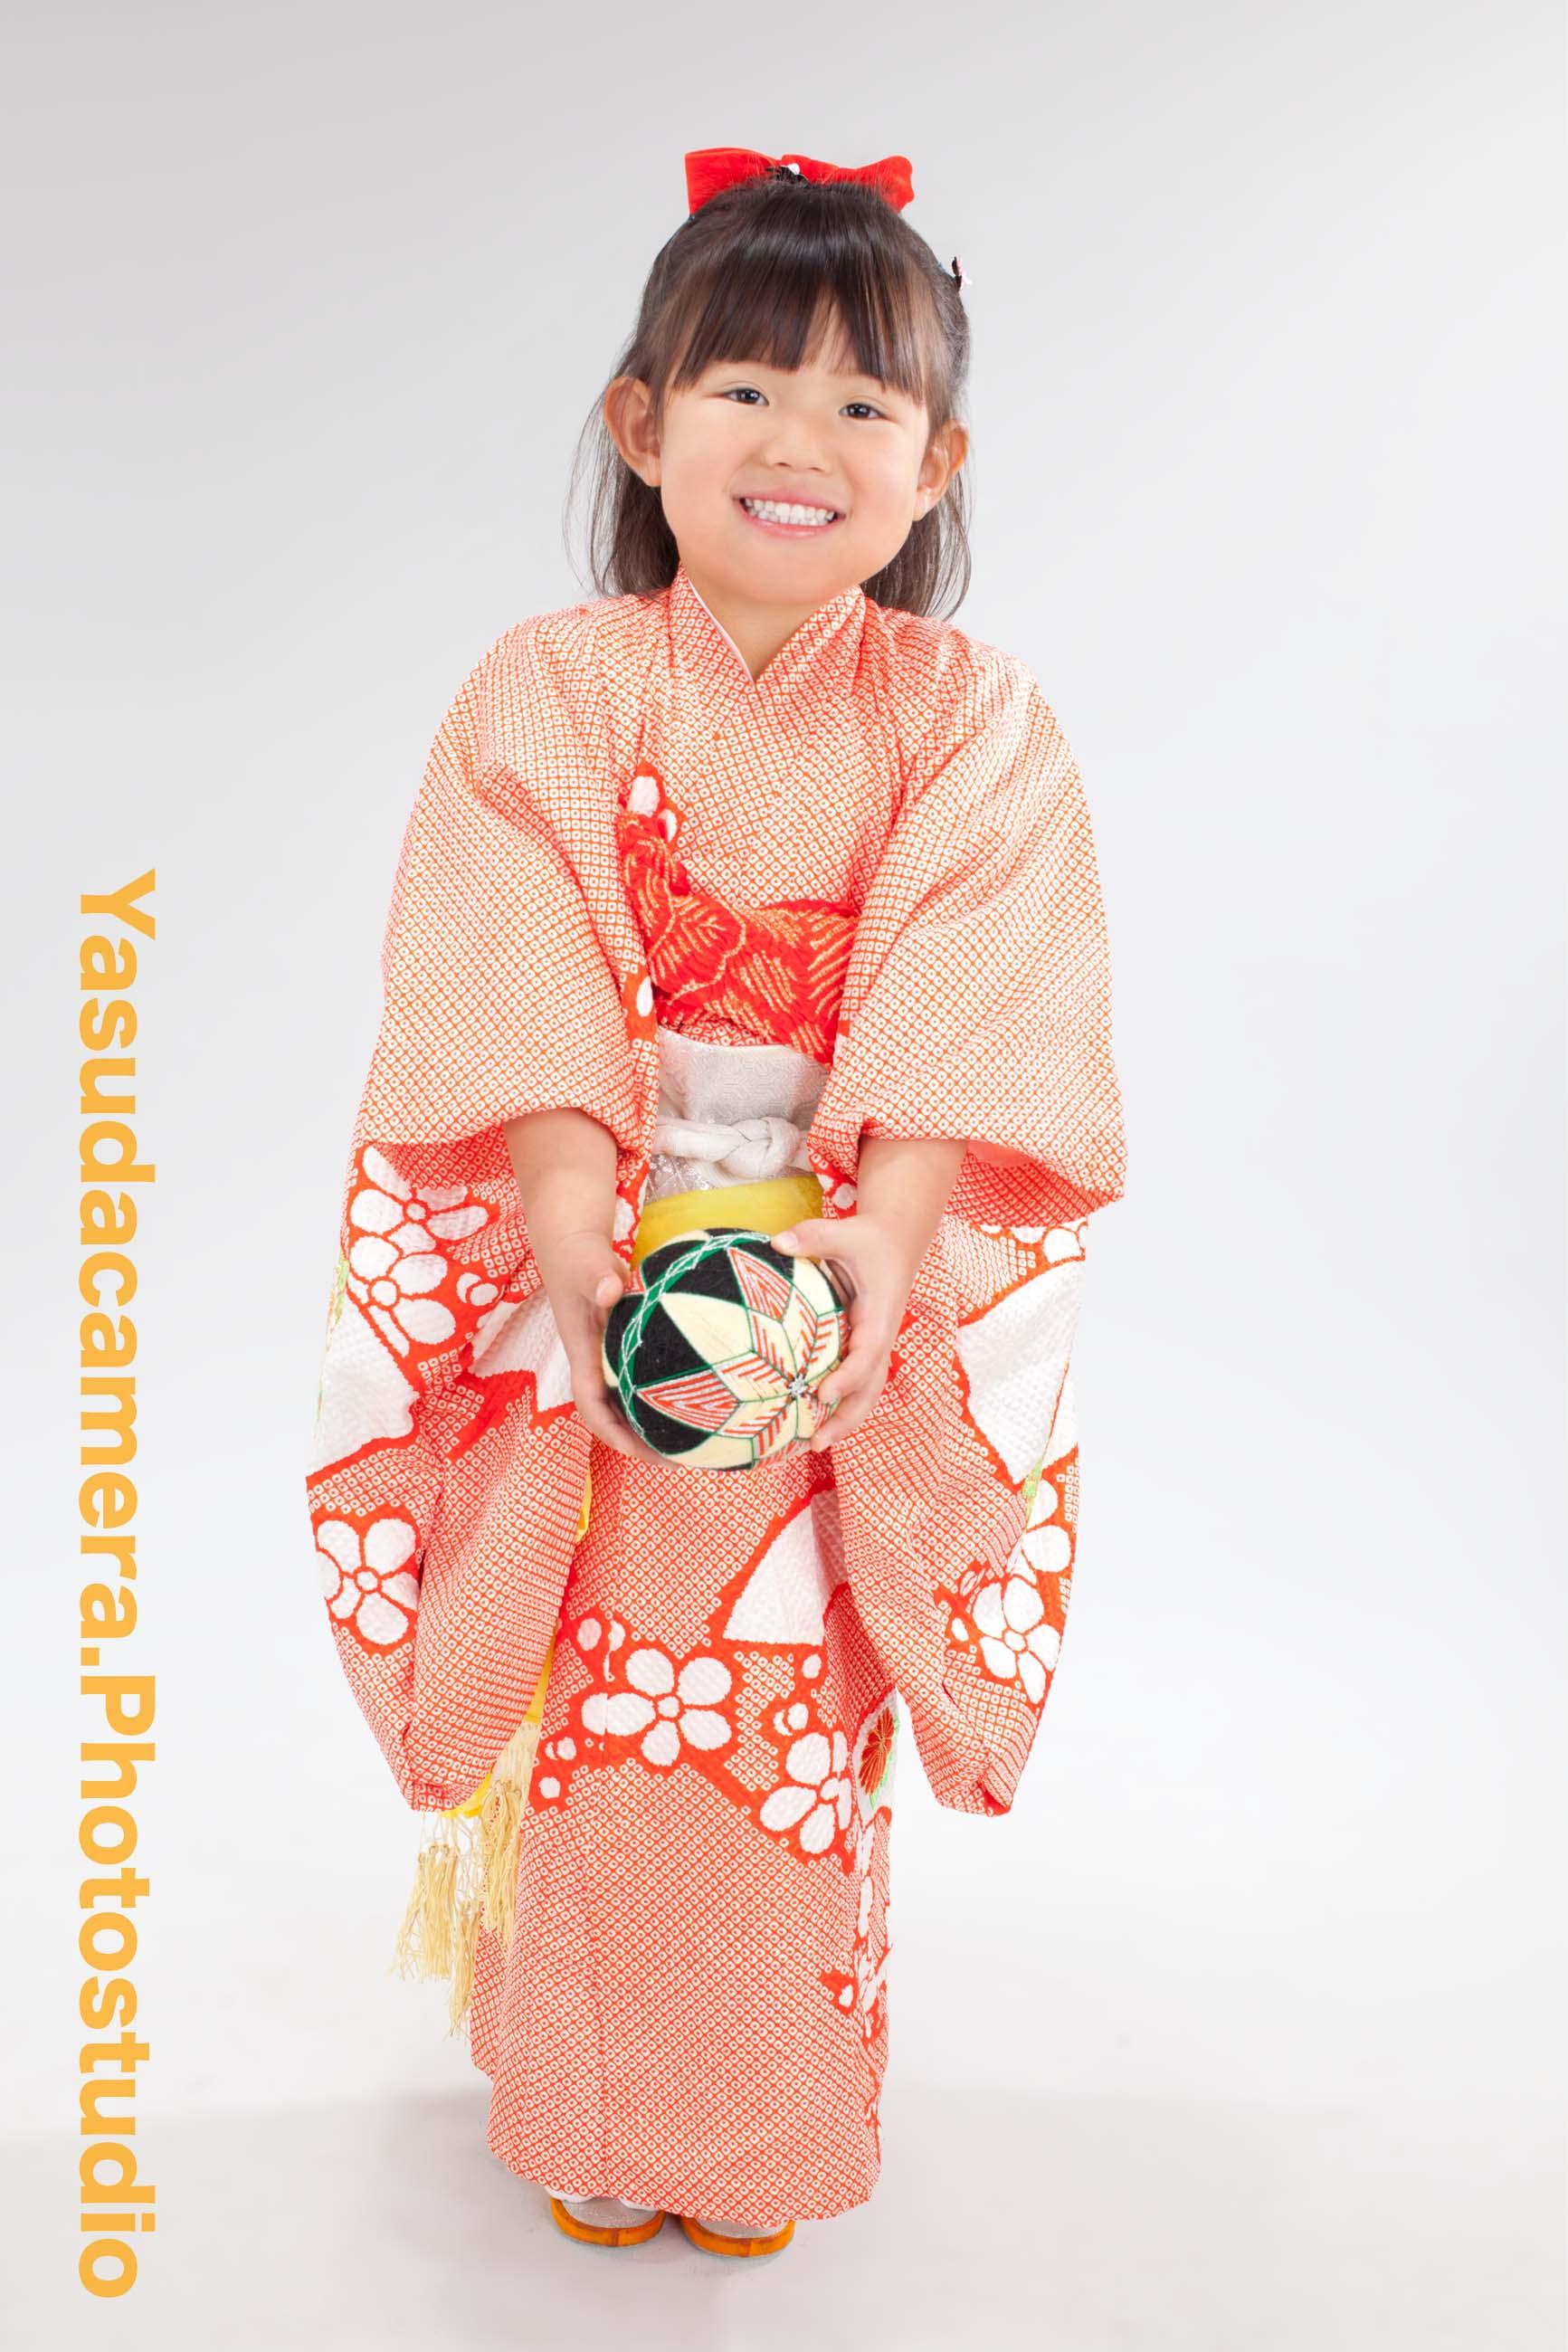 753撮影 | 和歌山 海南 写真スタジオ ヤスダカメラ